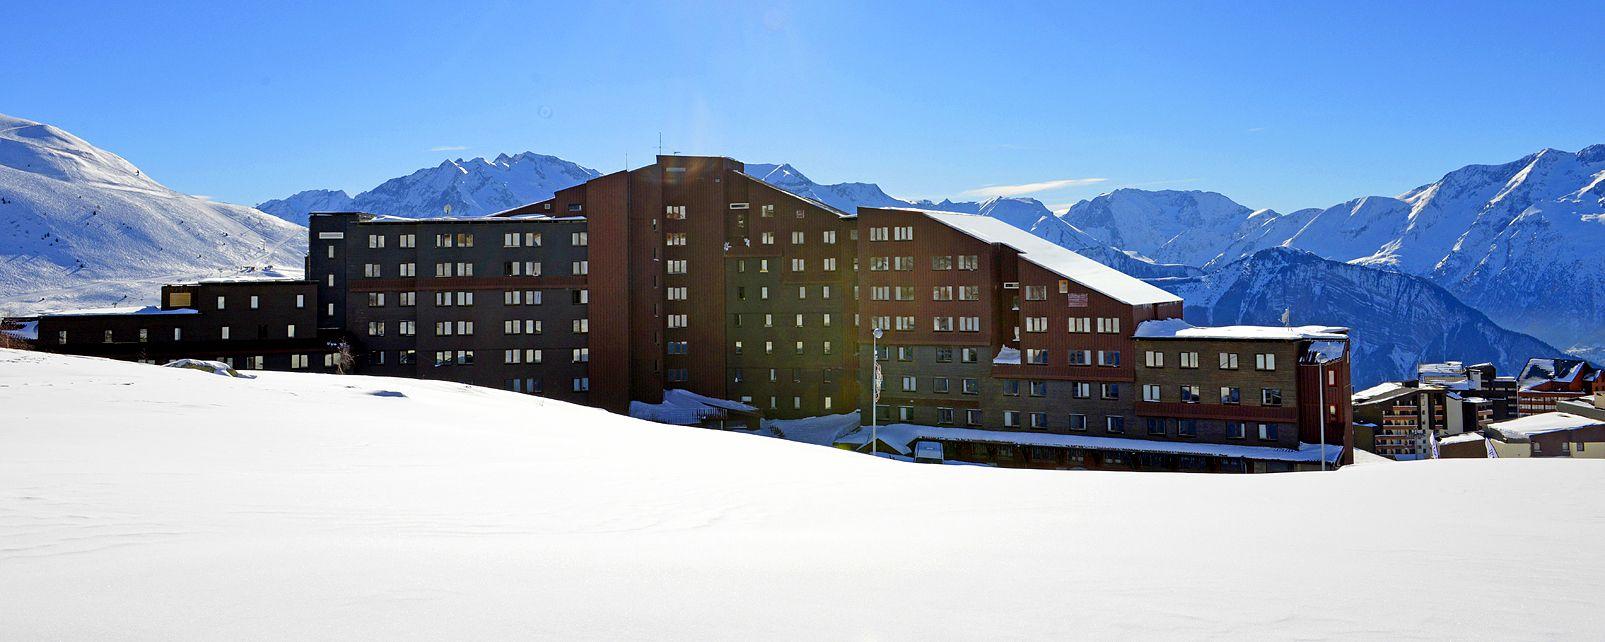 Club Med L'Alpe d'Huez La Sarenne